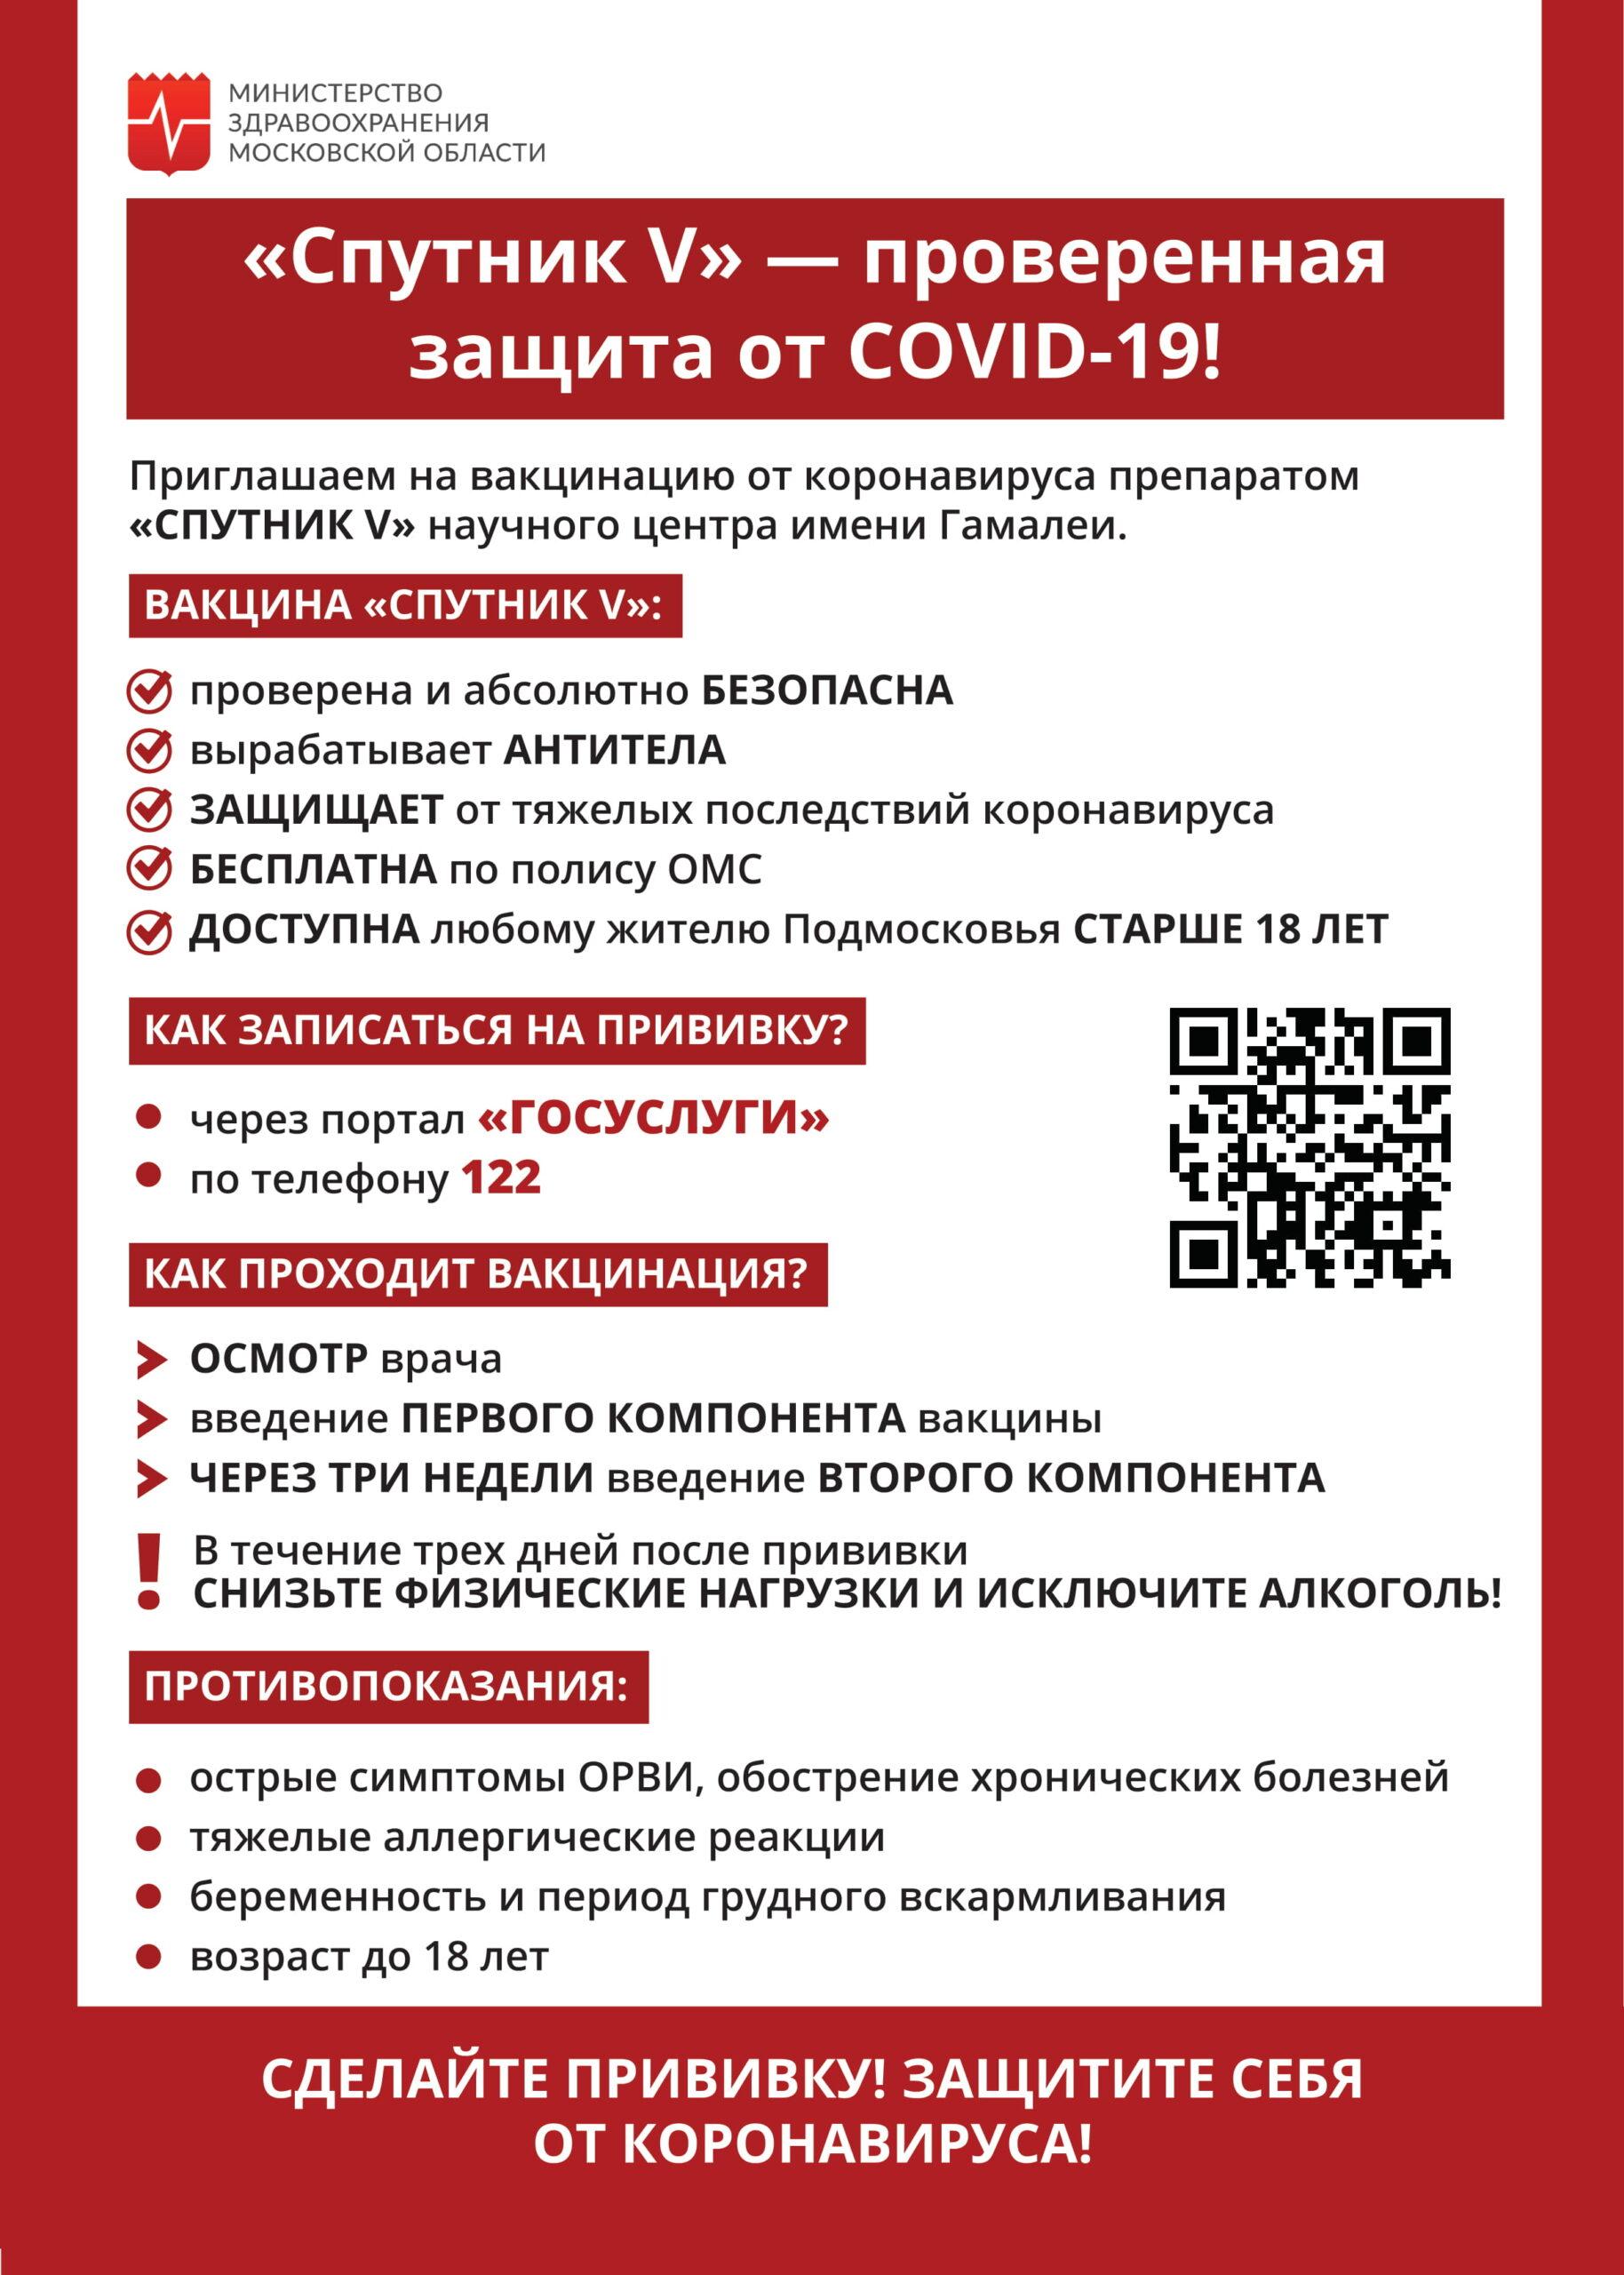 Спутник V проверенная защита от COVID-19!